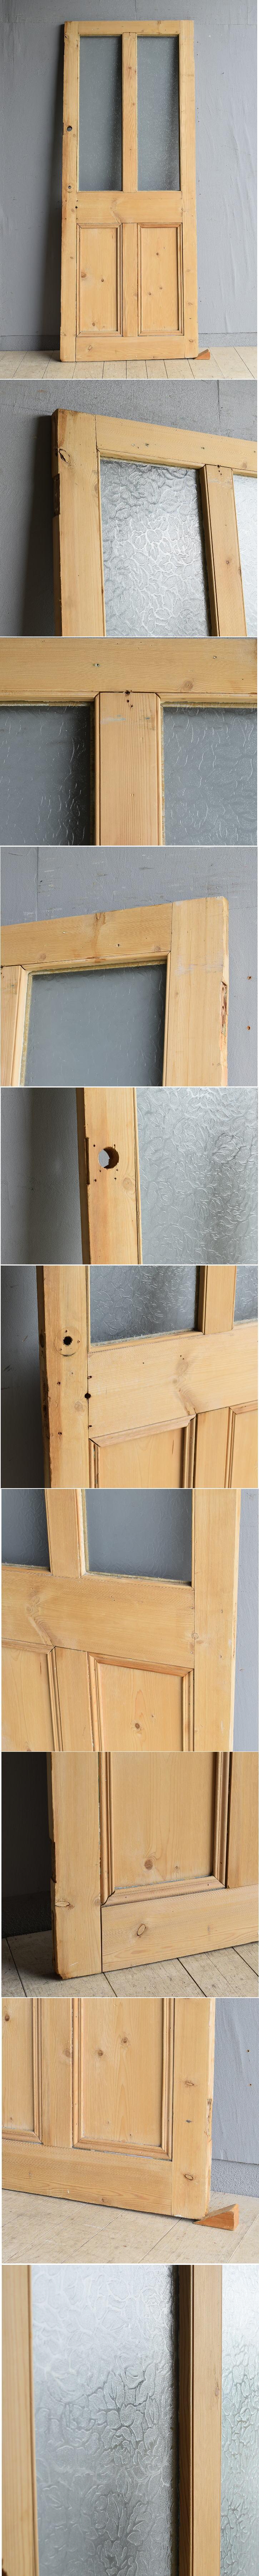 イギリス アンティーク ドア 扉 建具 8016